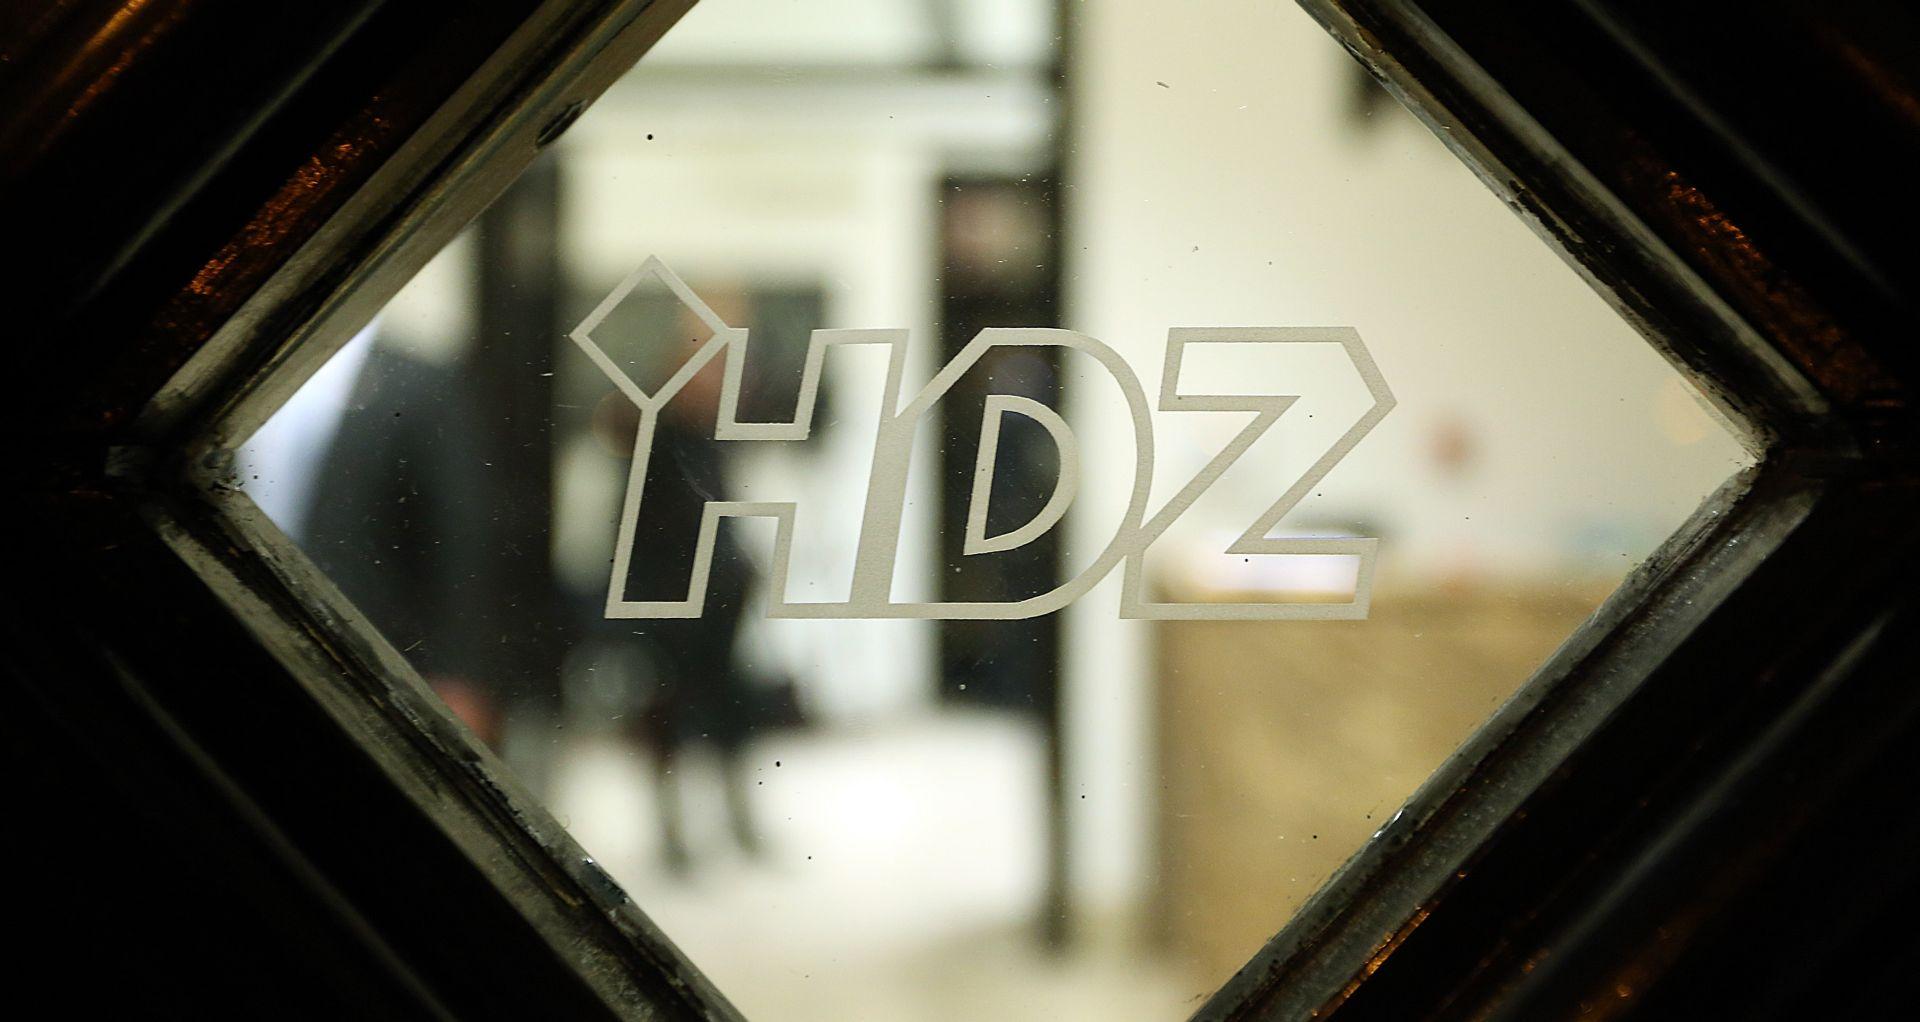 STRANKE I DONACIJE: HDZ dobio manje nego lani, ali još uvijek više nego sve druge stranke